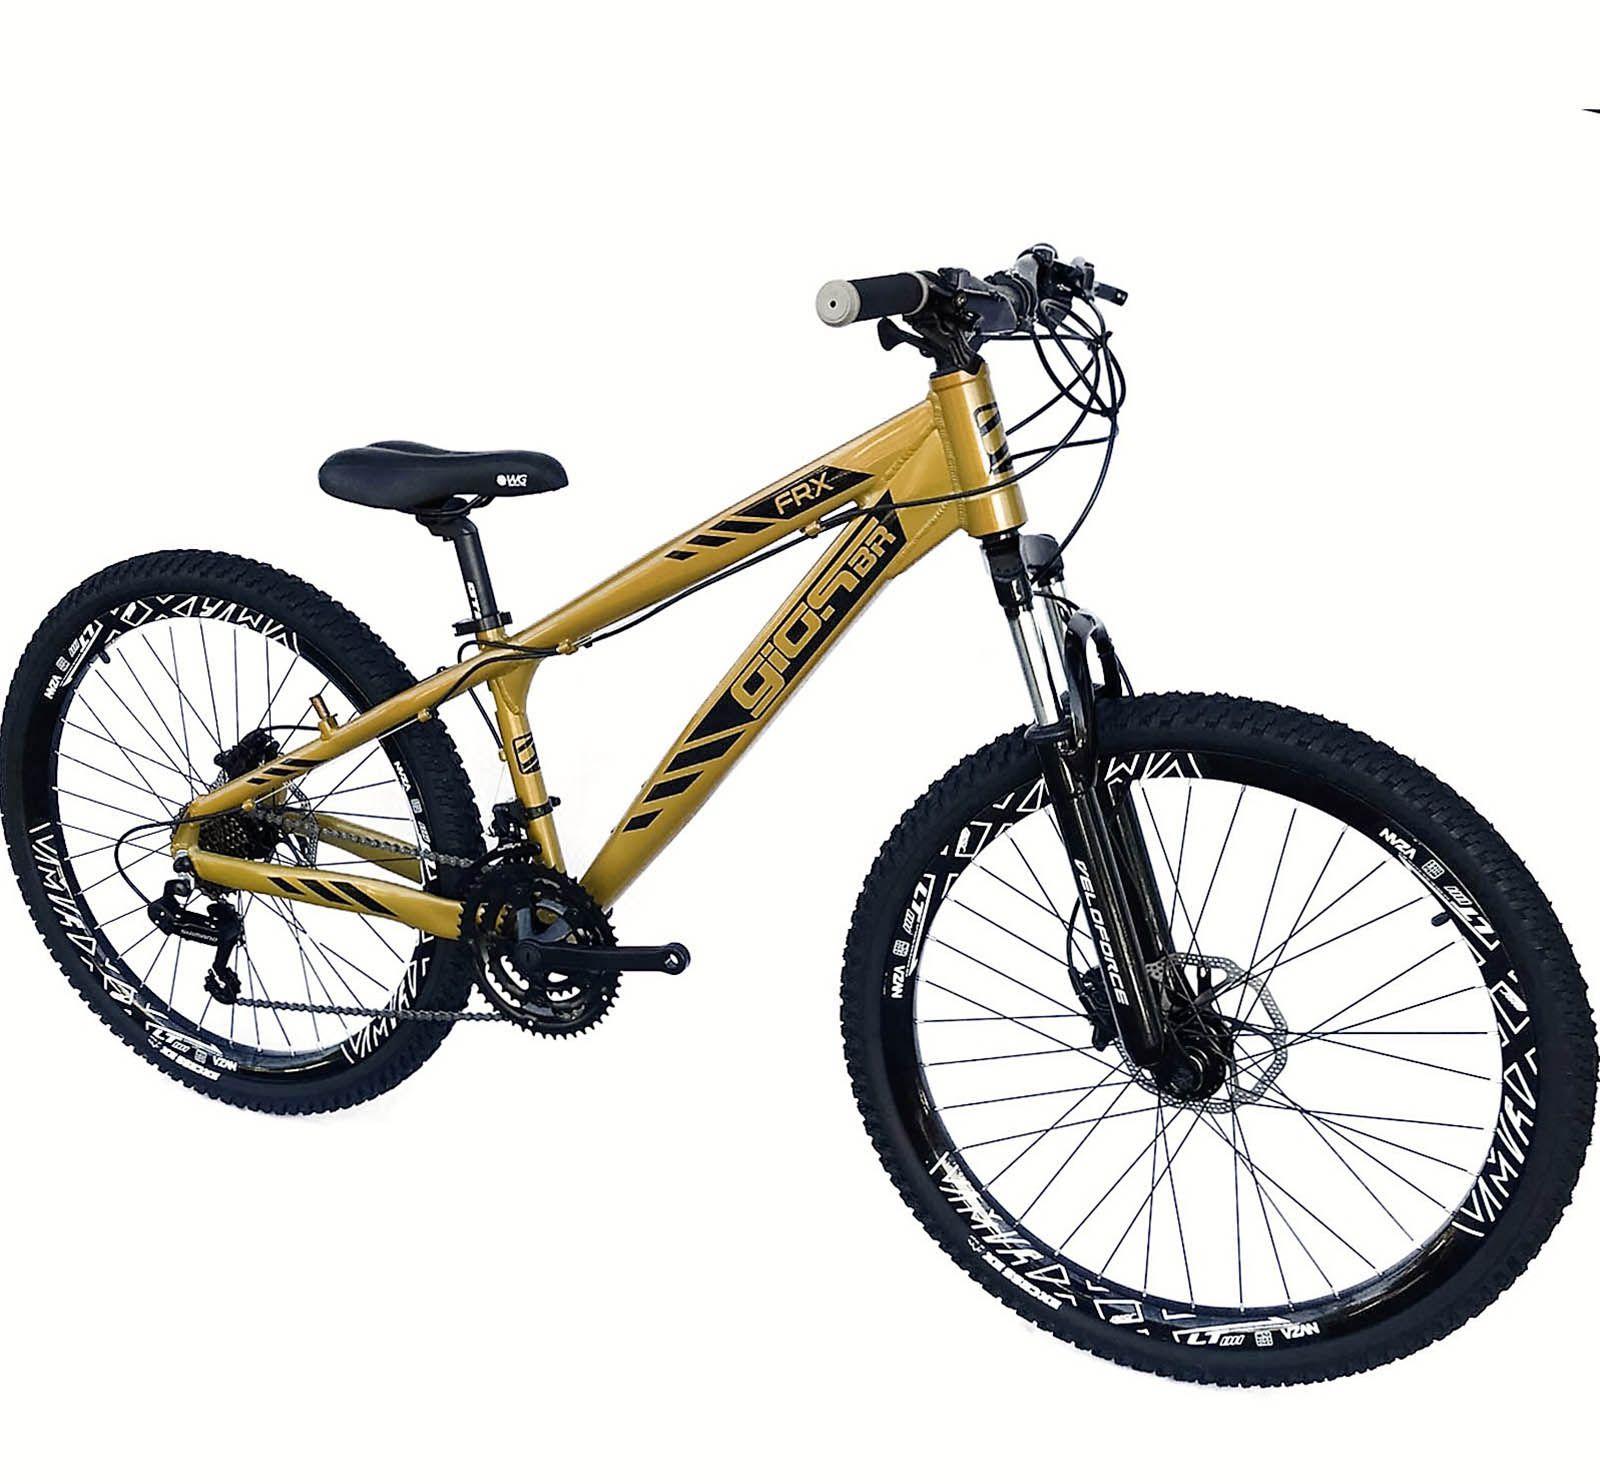 Bicicleta Gios Frx 2018 21v Cambios Shimano Freio Hidraulico GTS Garfo 29